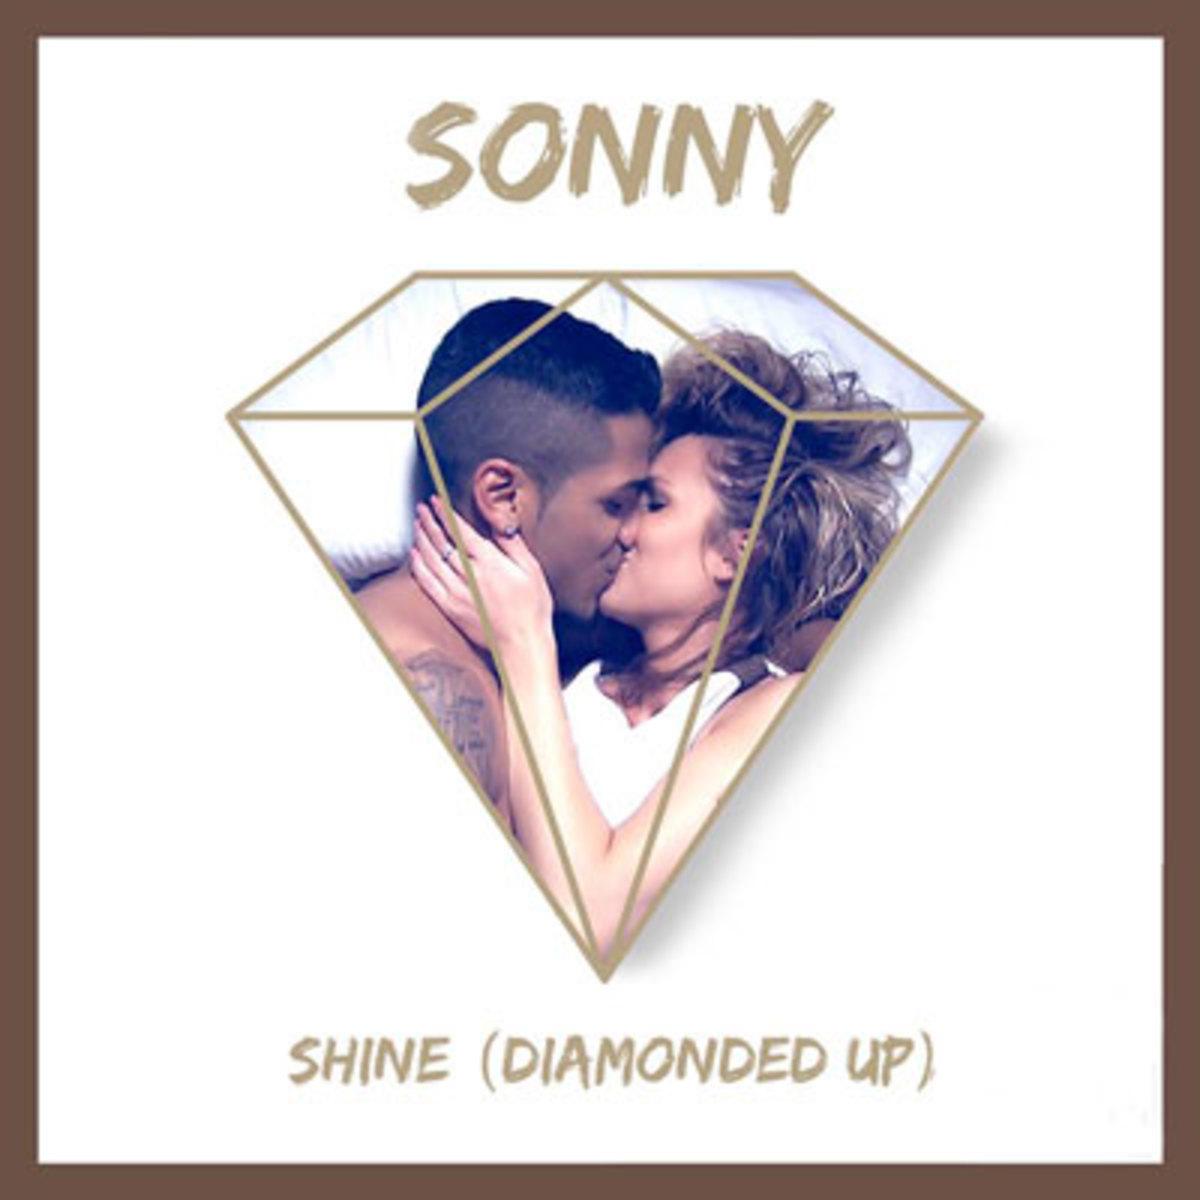 sonny-shine.jpg